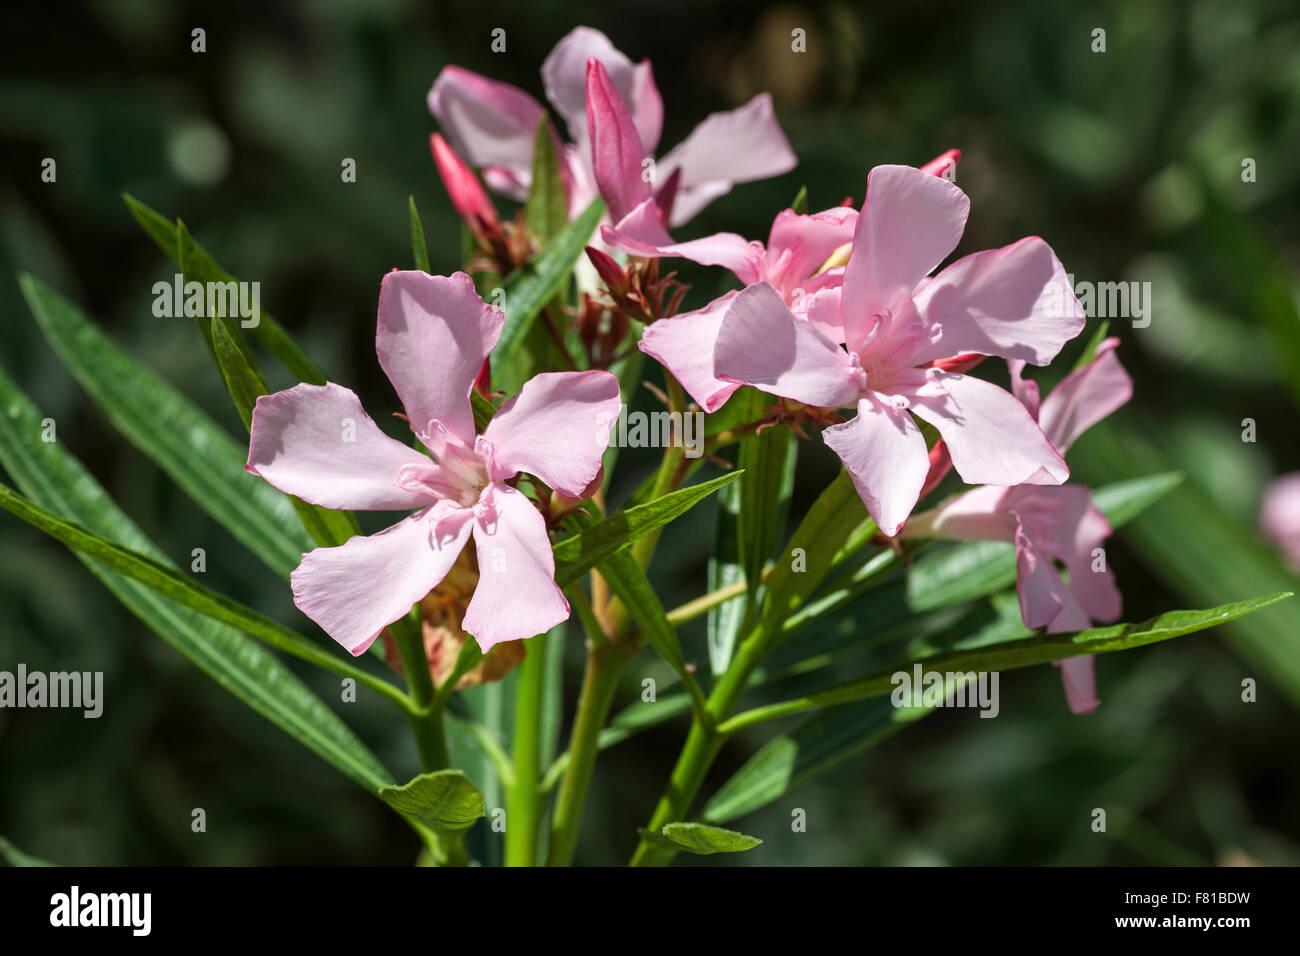 Oleander nerium oleander flower pink blossom germany stock photo oleander nerium oleander flower pink blossom germany mightylinksfo